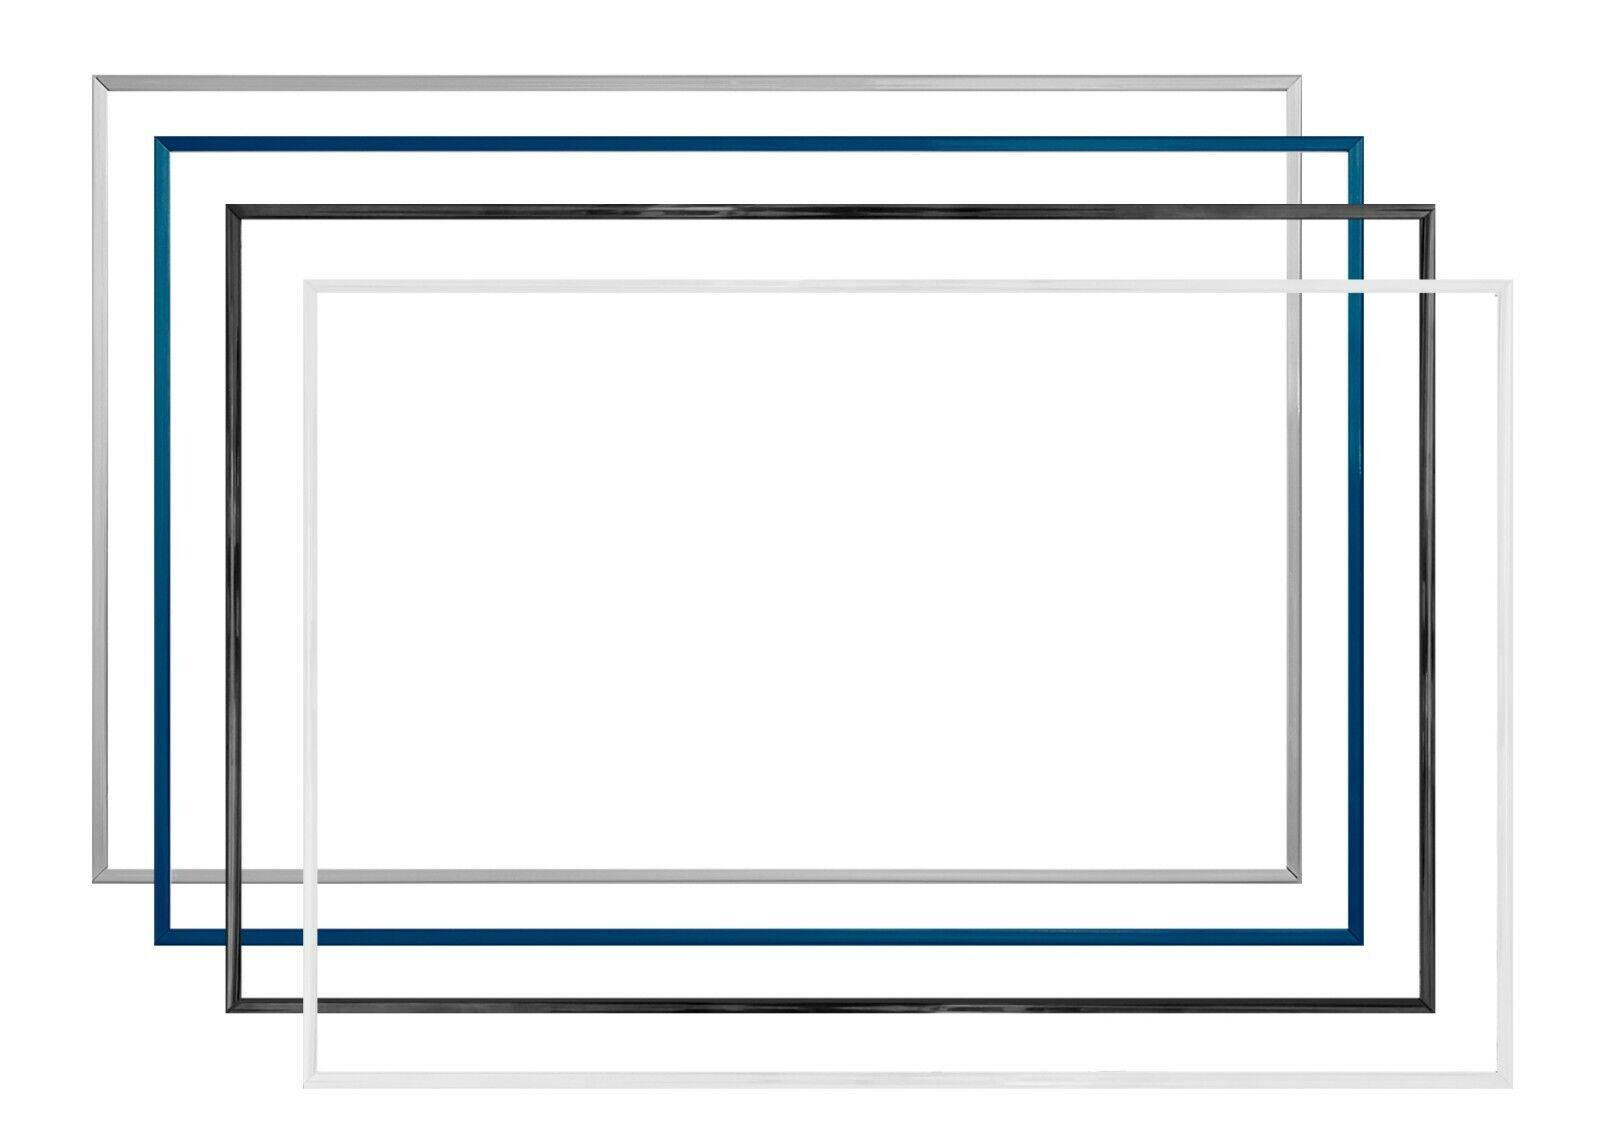 Komplette Kunststoff-Bilderrahmen TEXAS 90 x 90 cm mit Paket-Sonderpreisen